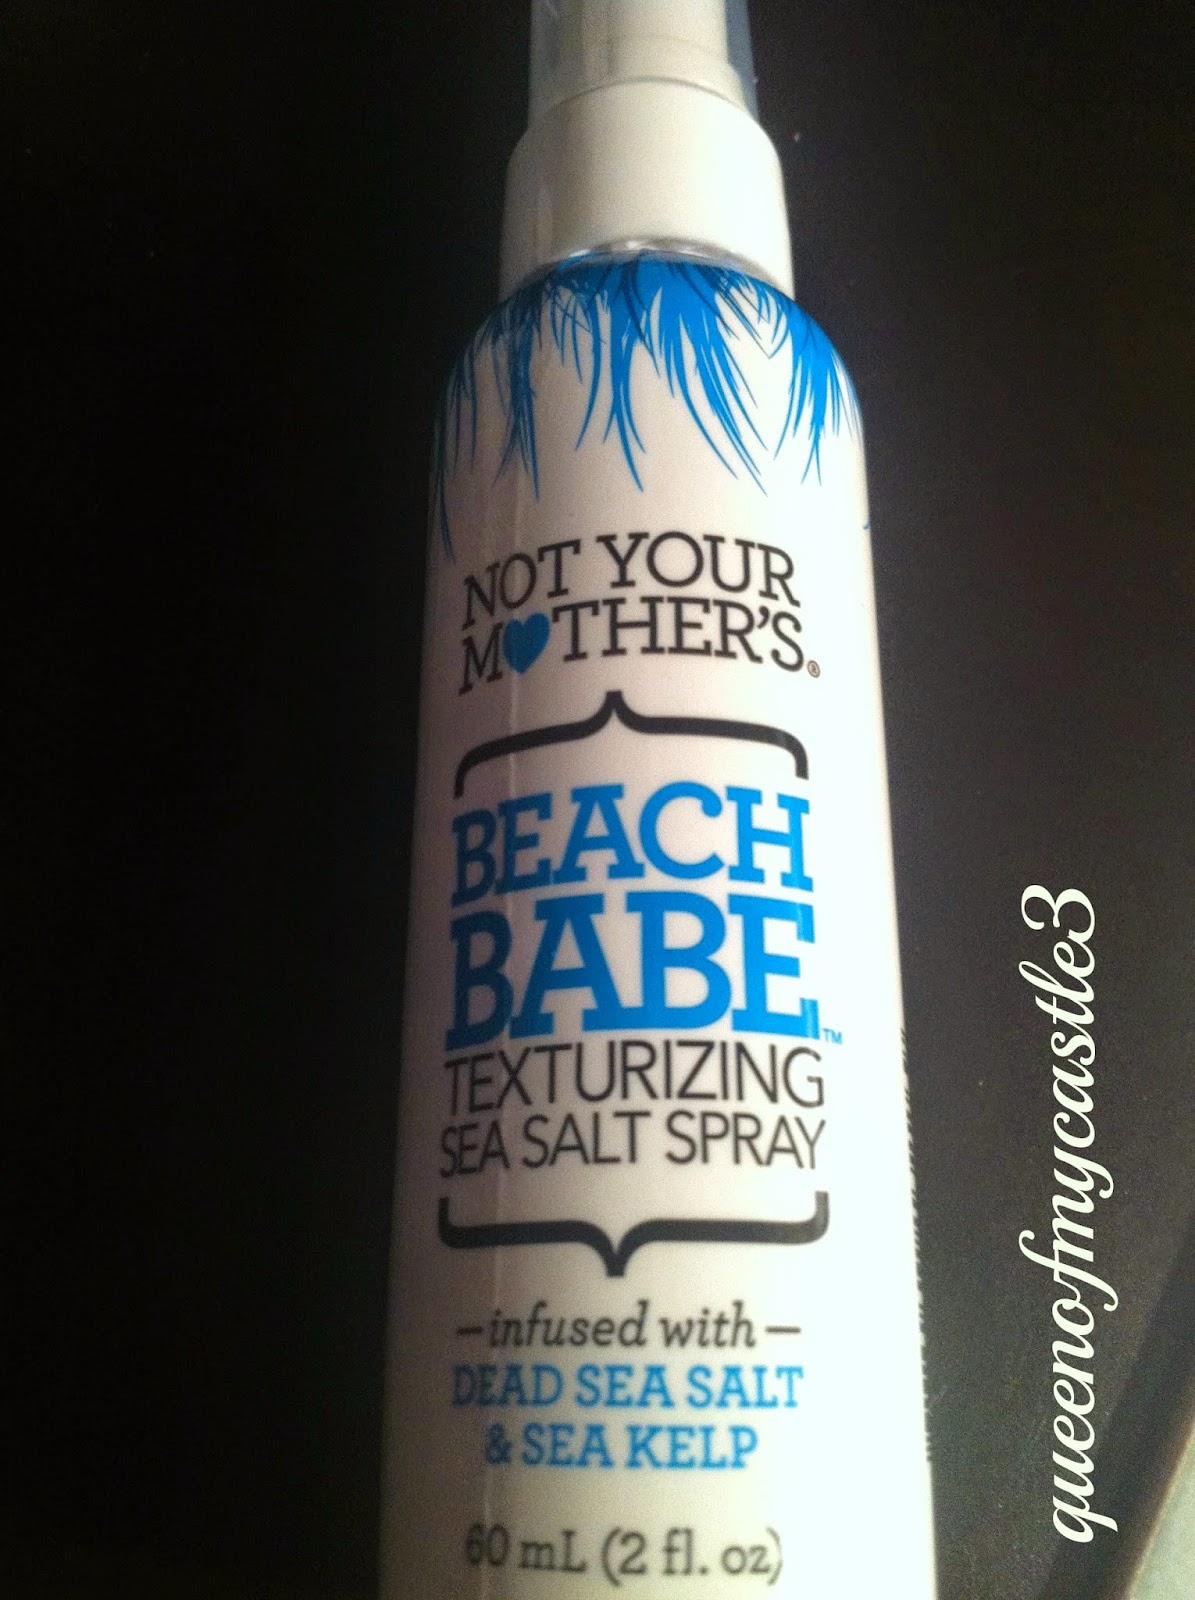 Beach Babe Sea Salt Spray